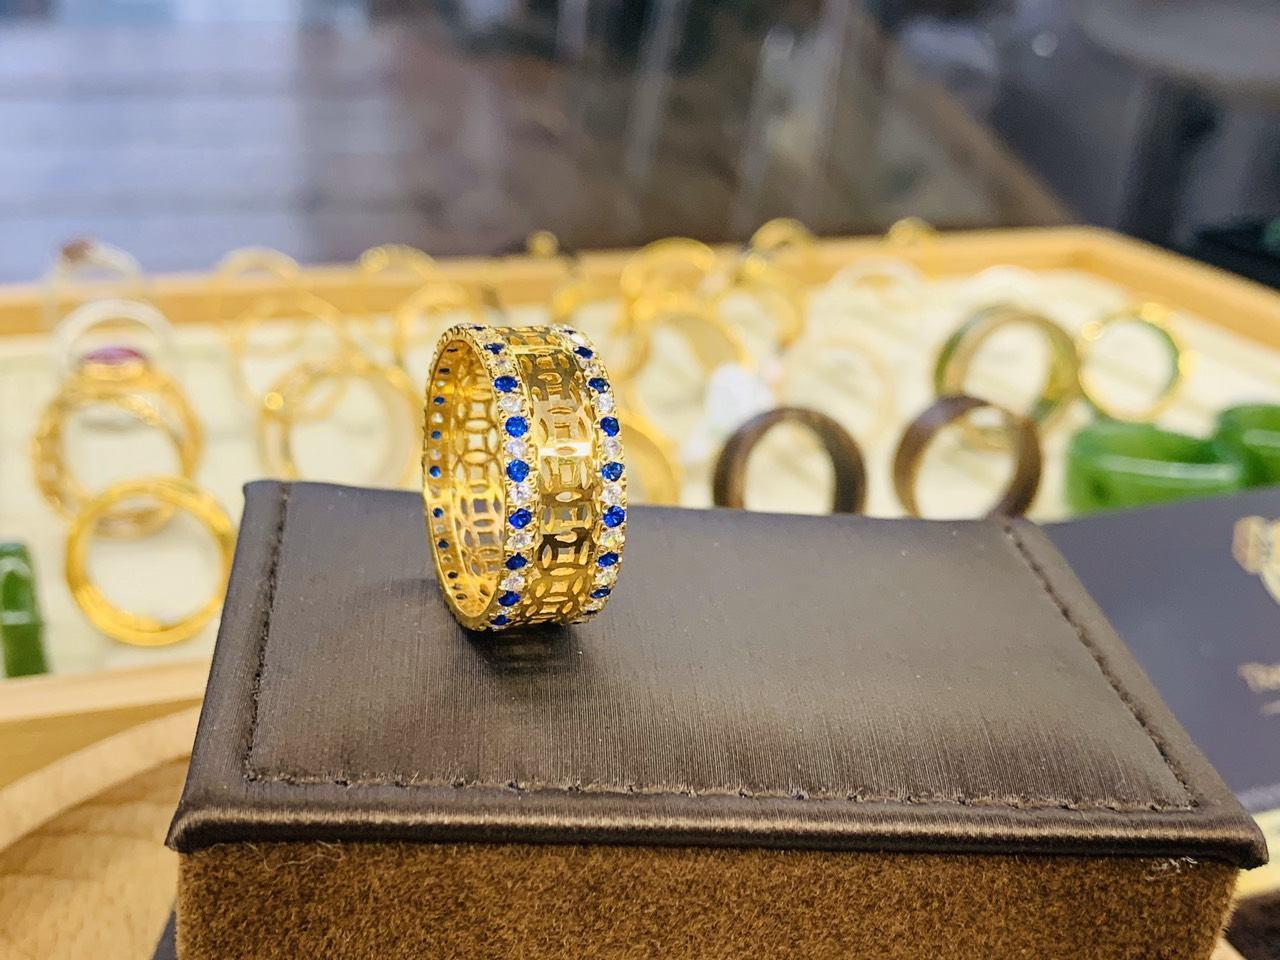 Nhẫn Kim Tiền vàng 18K 2 hàng đá xanh dương RIOGEMS